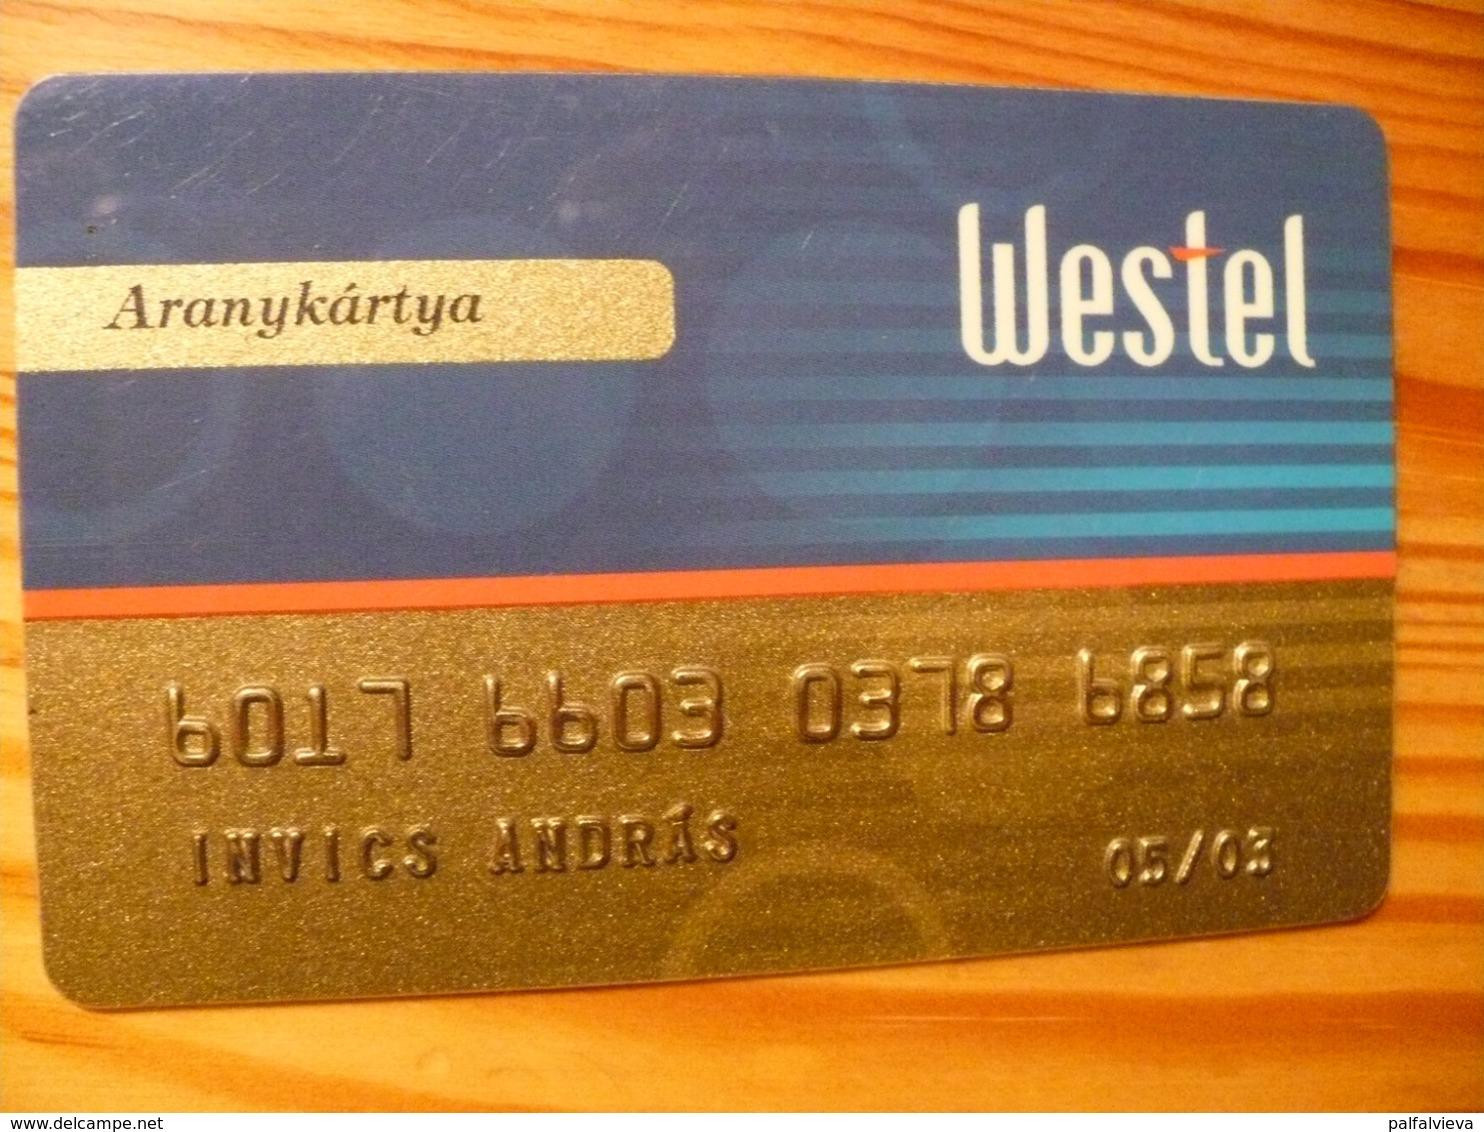 Westel 900 Club Card Hungary - Sonstige